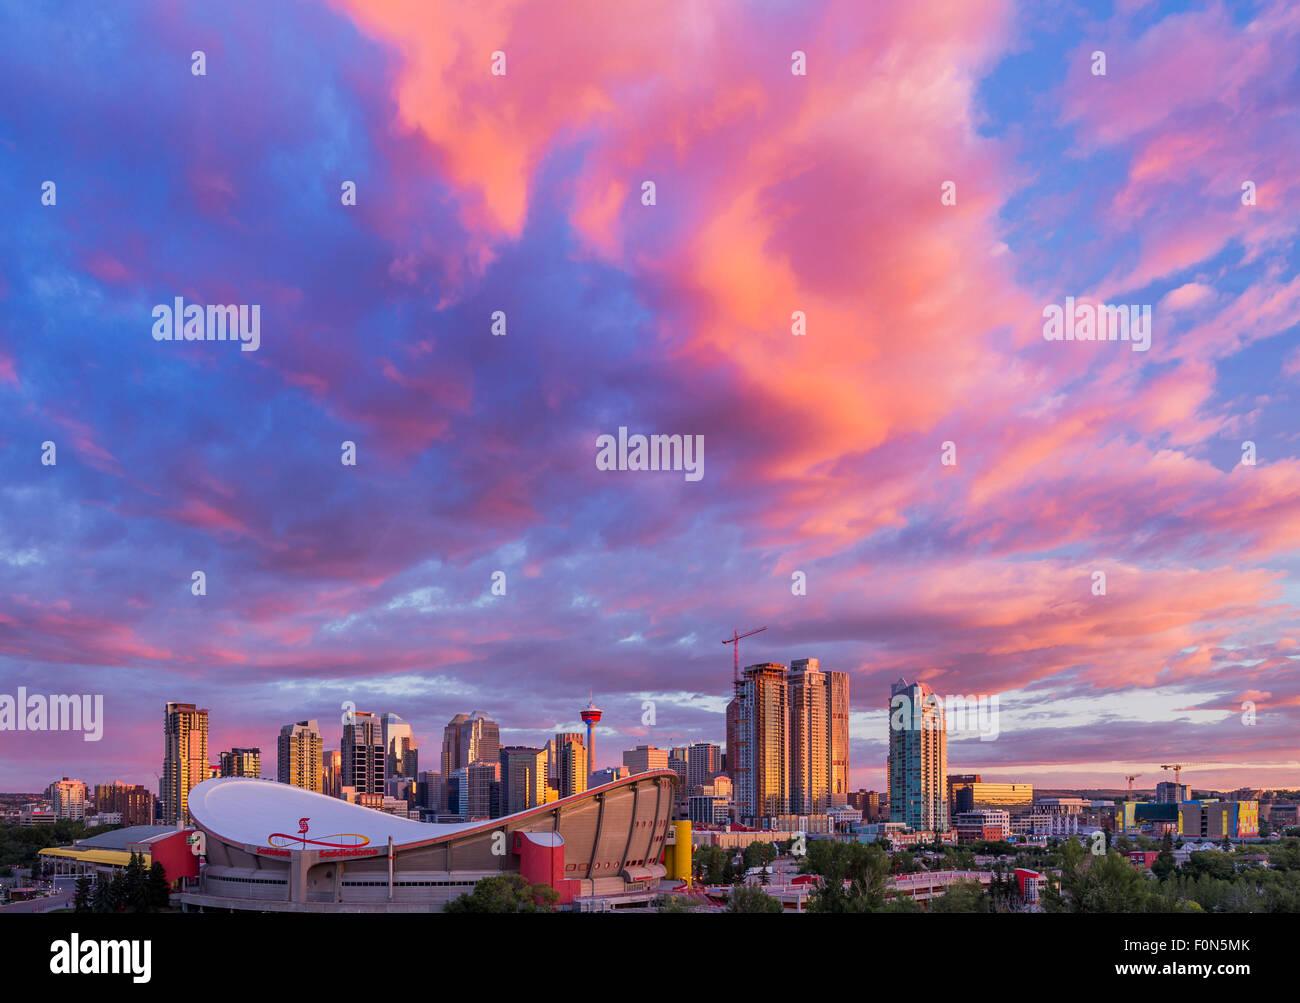 Lo skyline di Calgary all'alba, Calgary, Alberta, Canada Immagini Stock